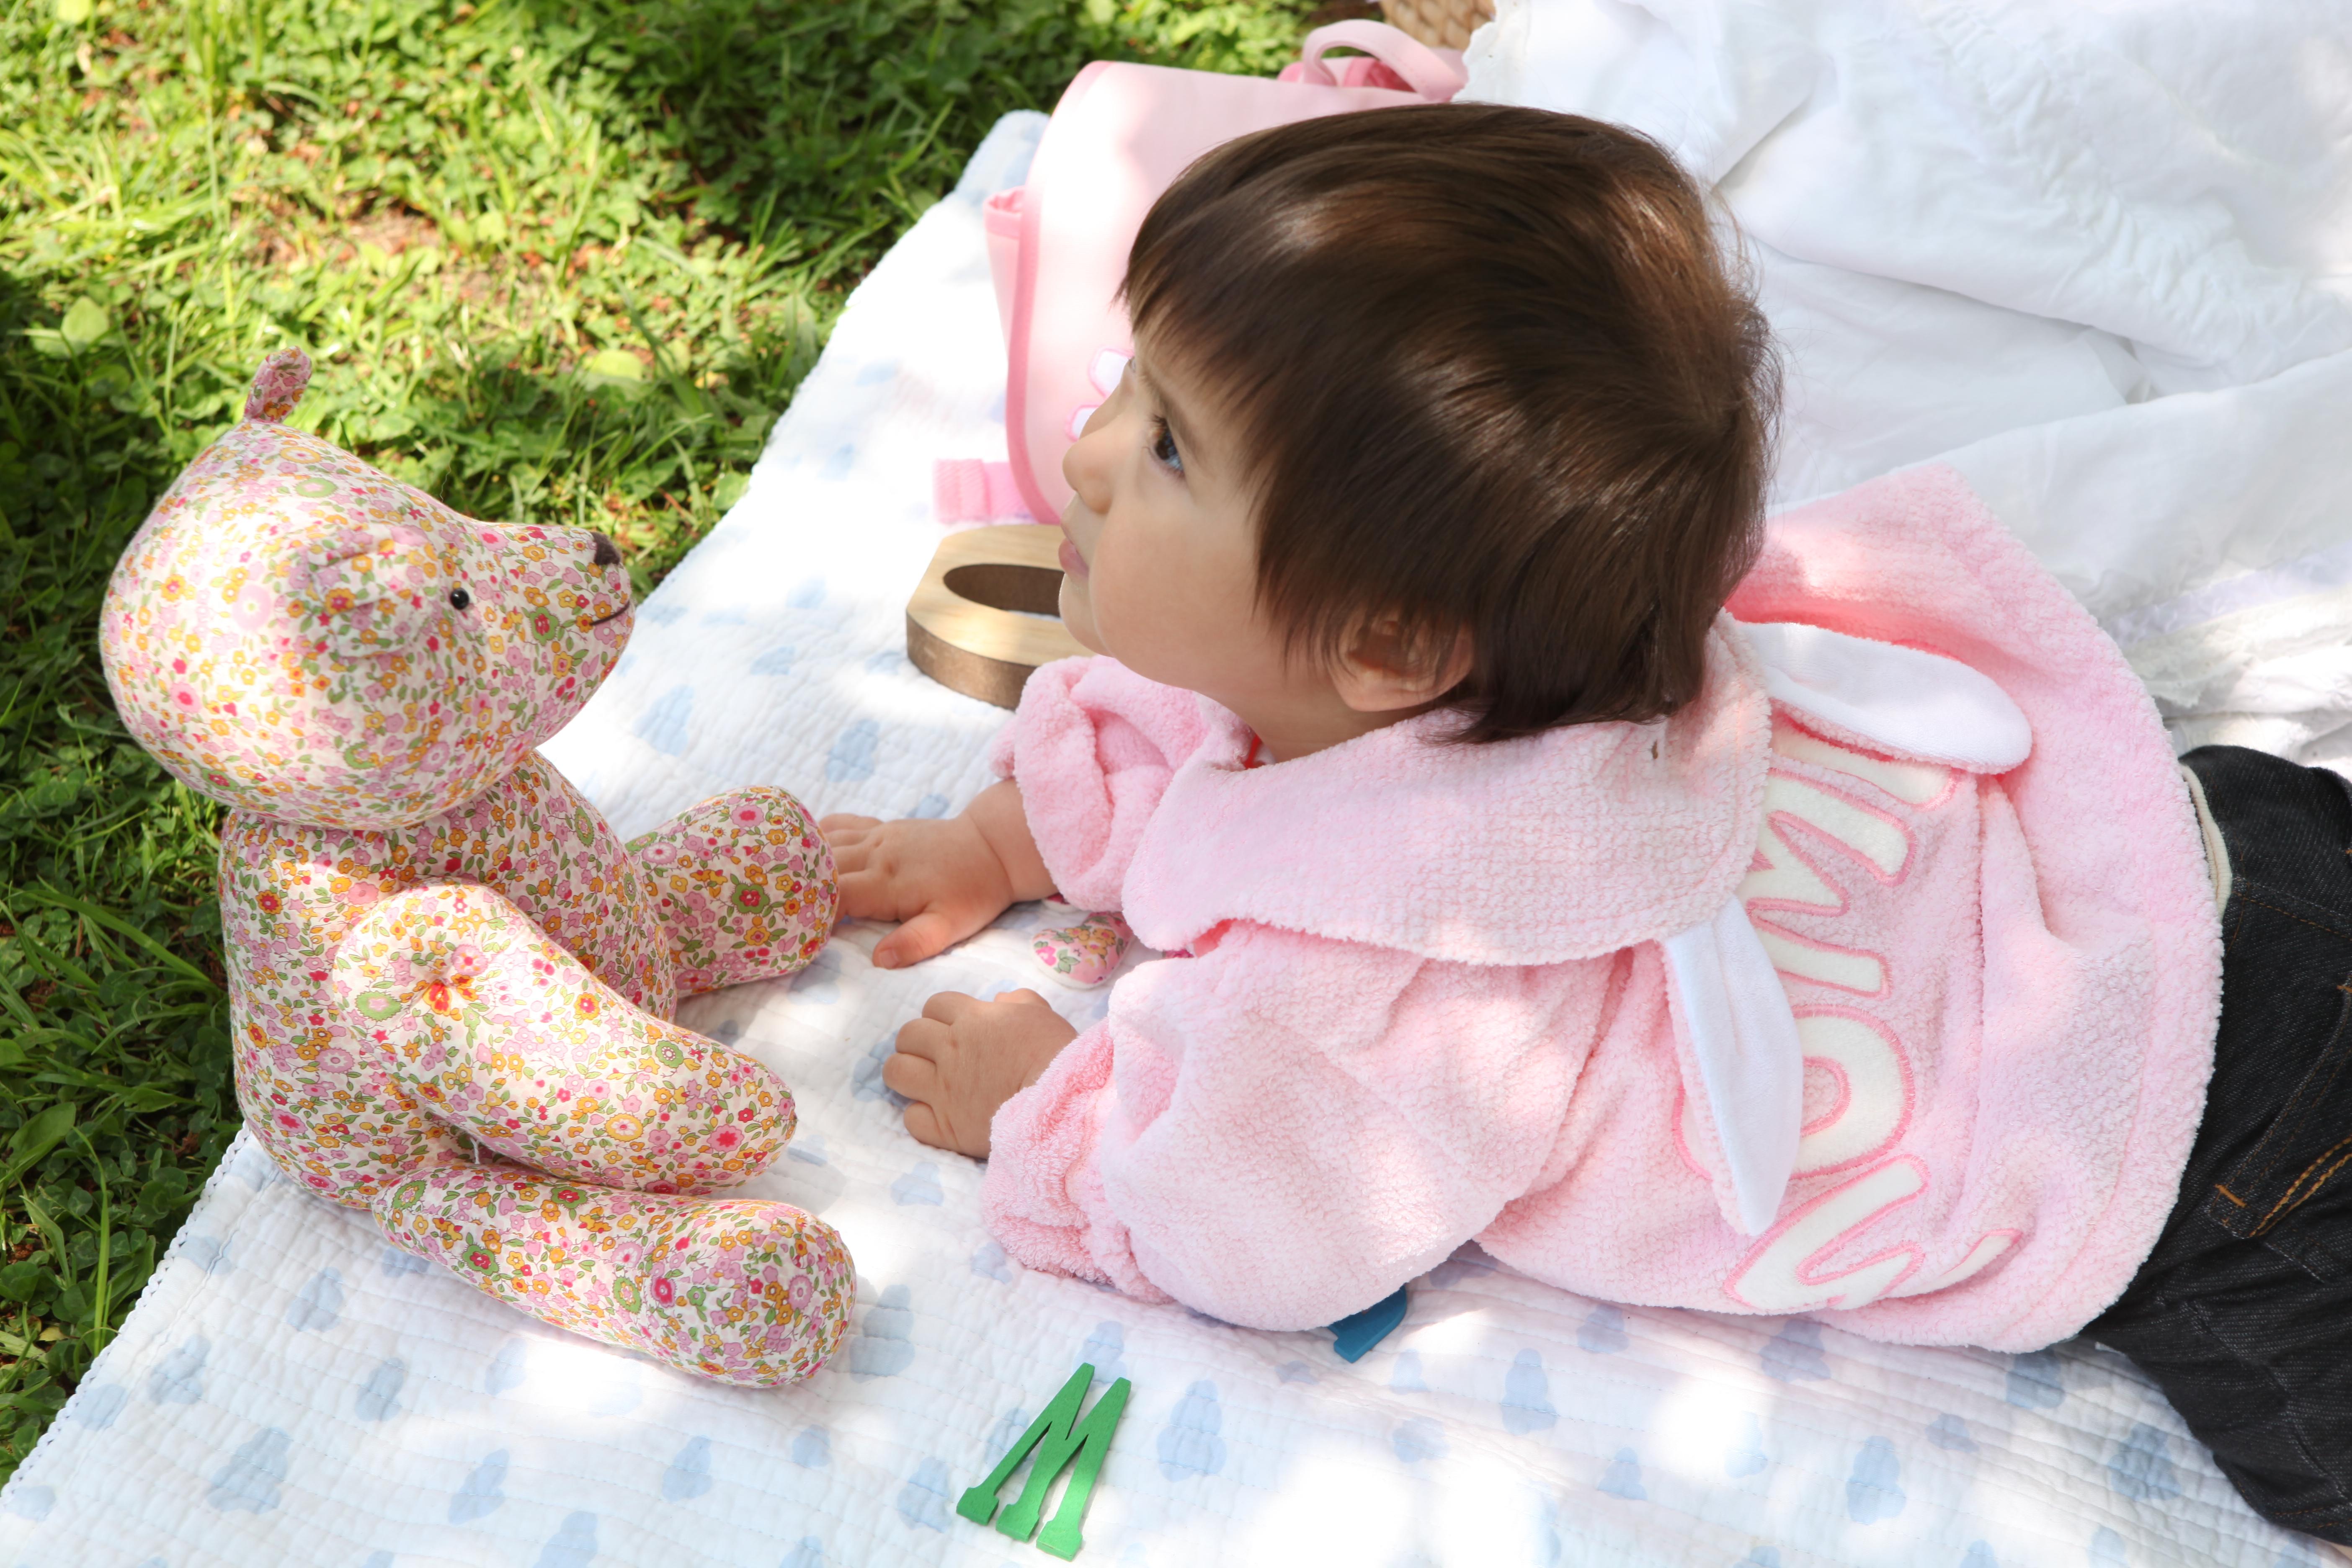 d1b266e2a13c7 東京・白金台の出産祝い専門店BabyGoose(ベビーグース)はどんなお店 ...